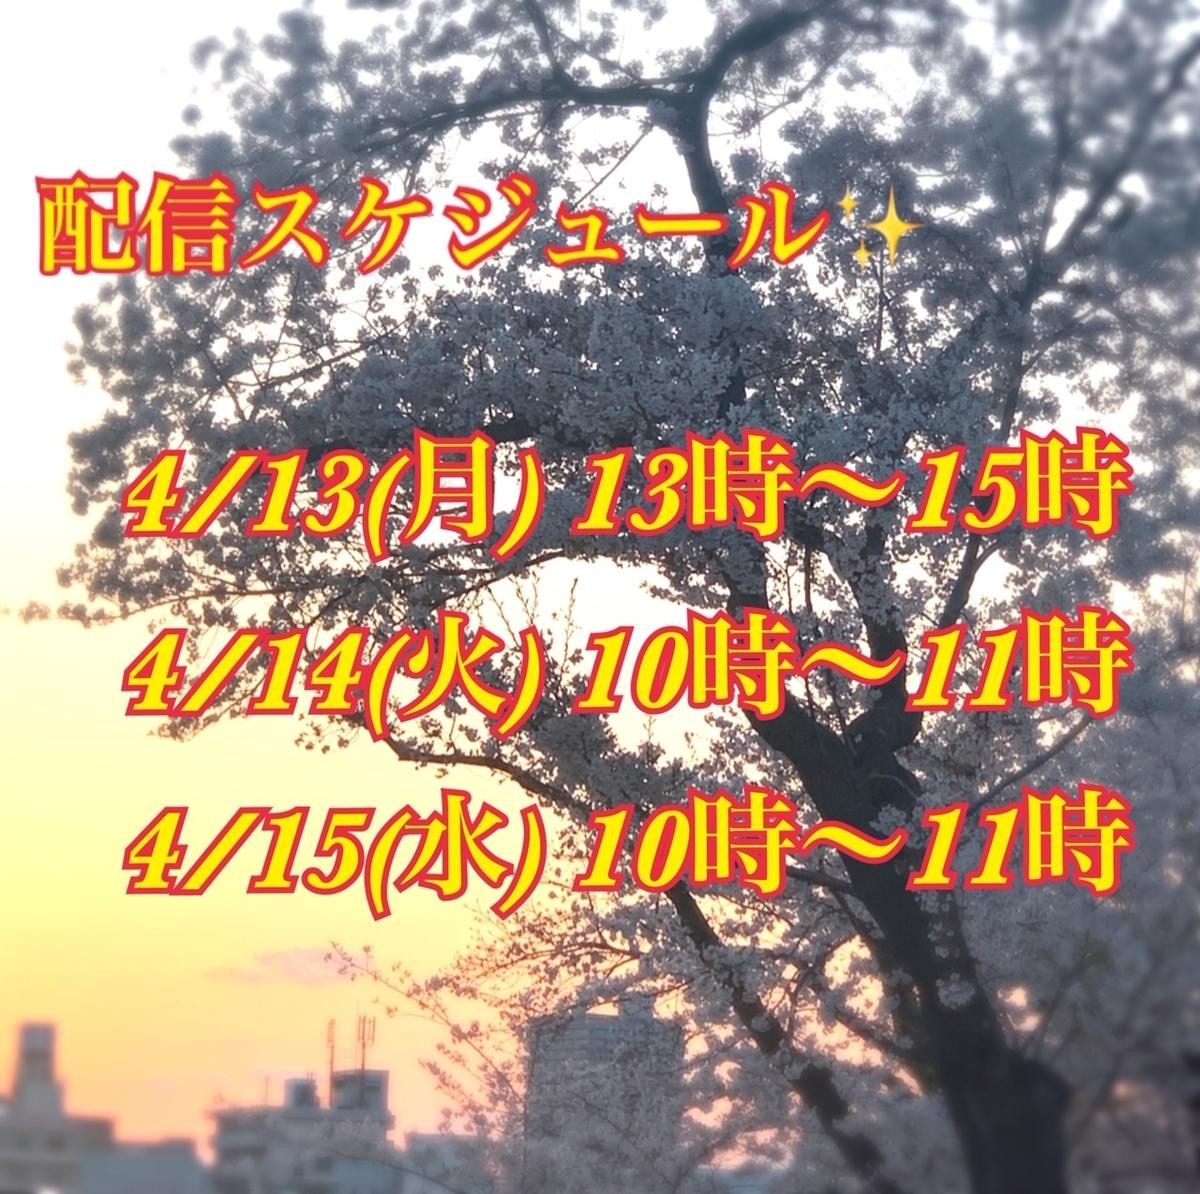 f:id:aihara_kazuki:20200411215111j:plain